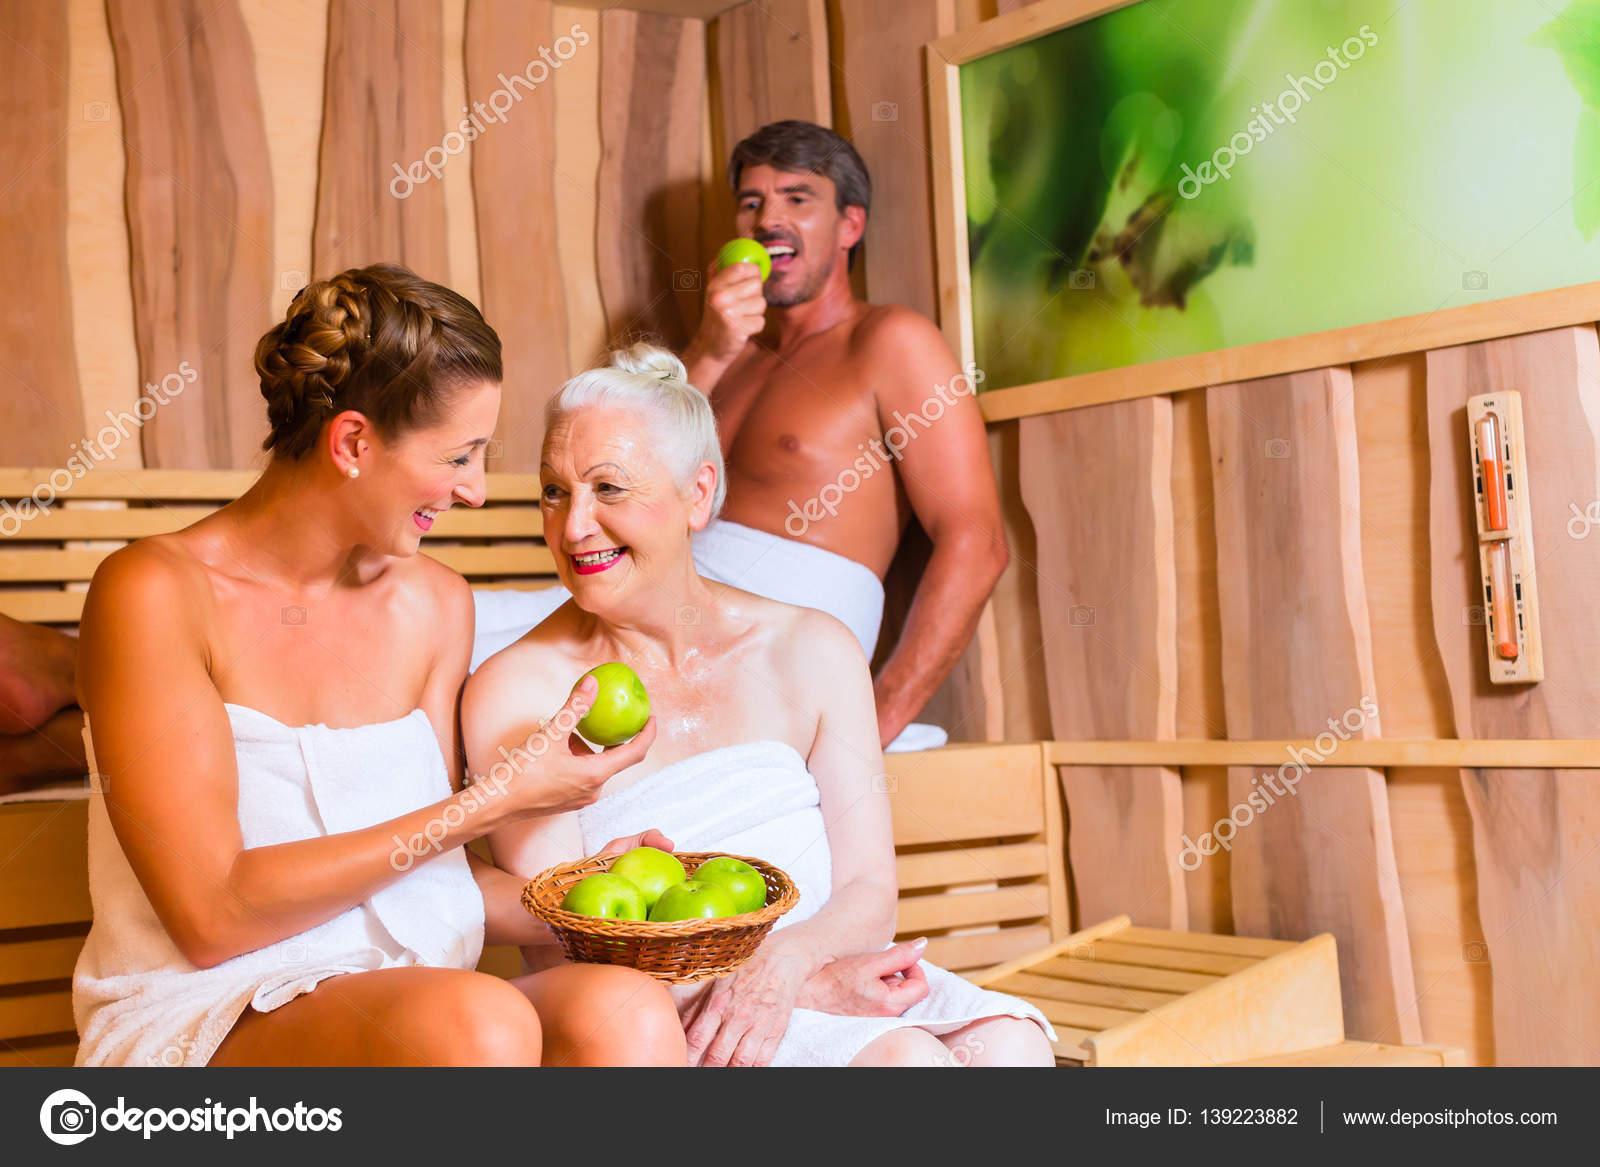 Сын подглядывает за матерью в бане, Порно сын подглядывает за мамой в бане HD 22 фотография